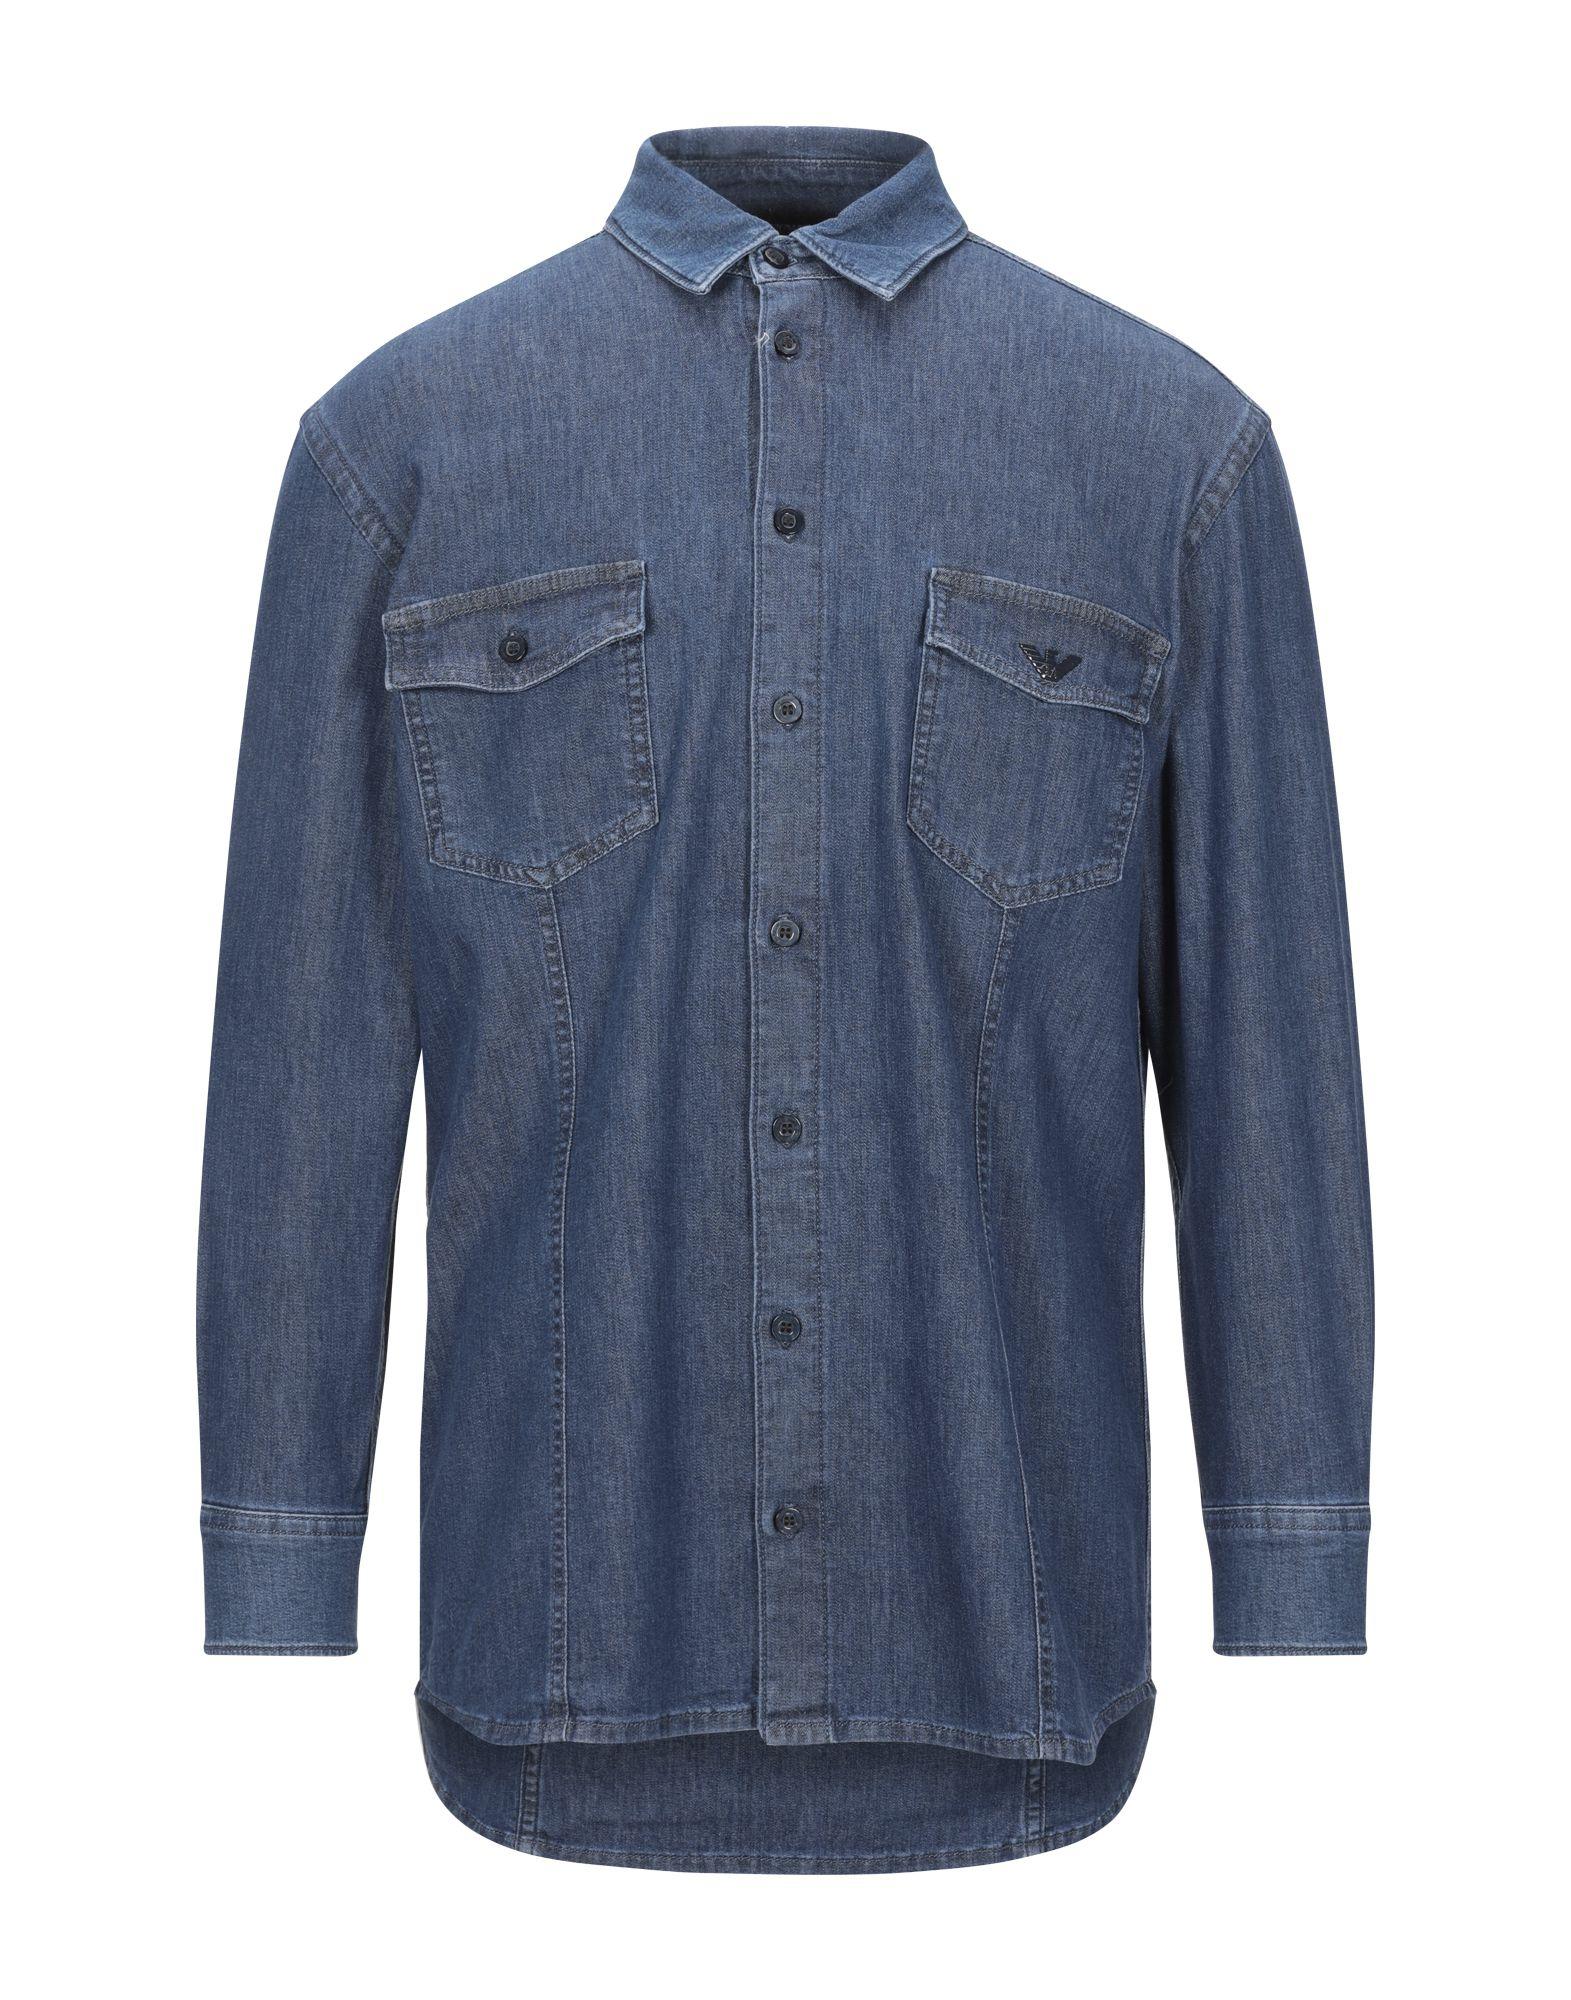 EMPORIO ARMANI Джинсовая рубашка куртка джинсовая emporio armani emporio armani em598ewzwc83 page 2